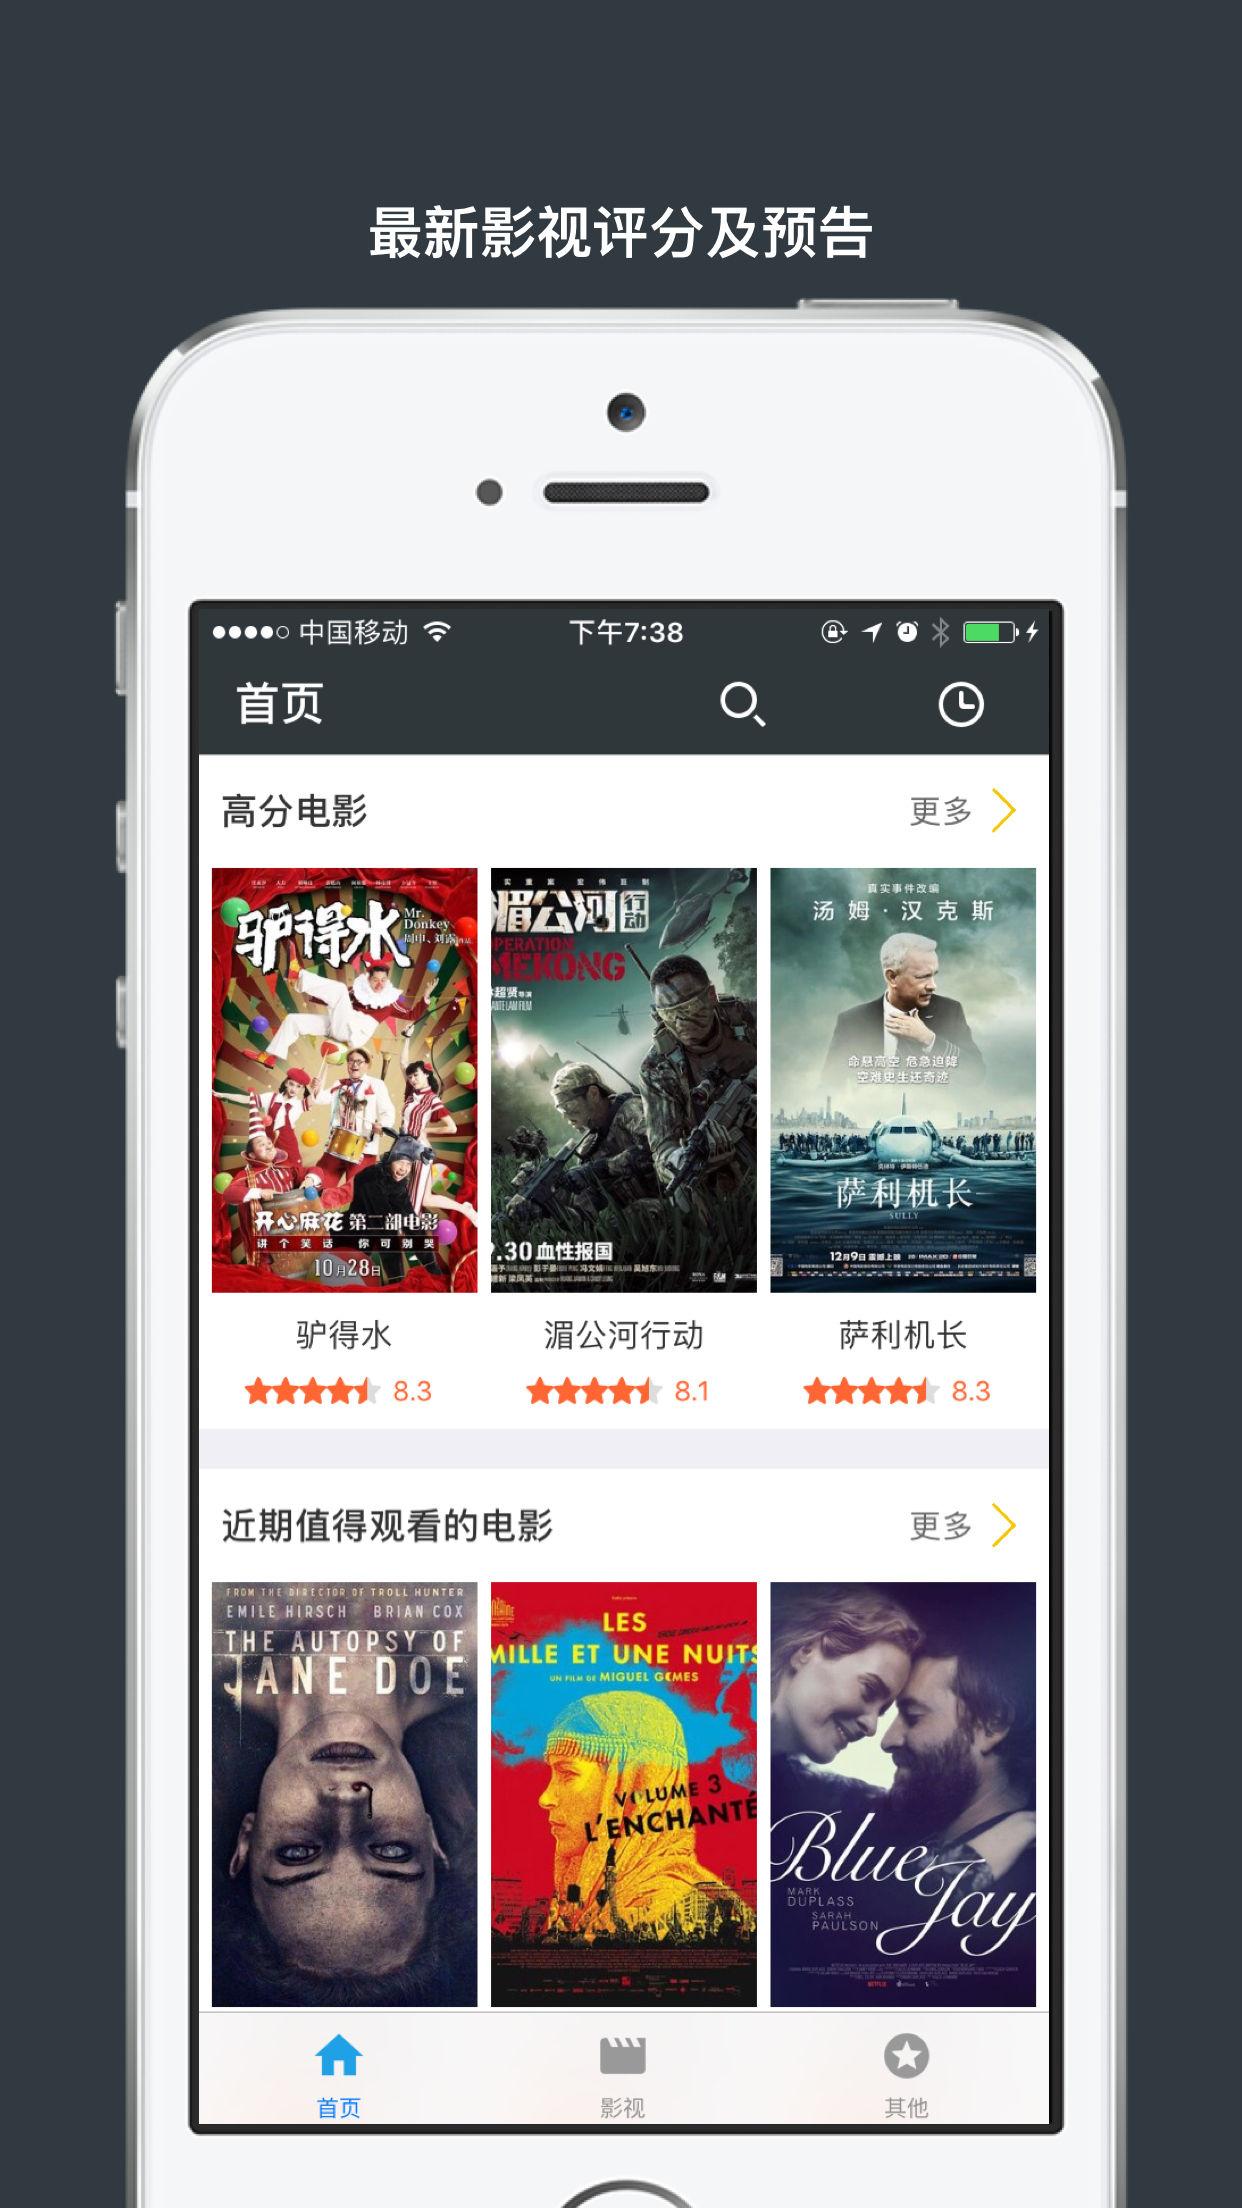 新电影天堂 V6.5.1 安卓去广告版截图3